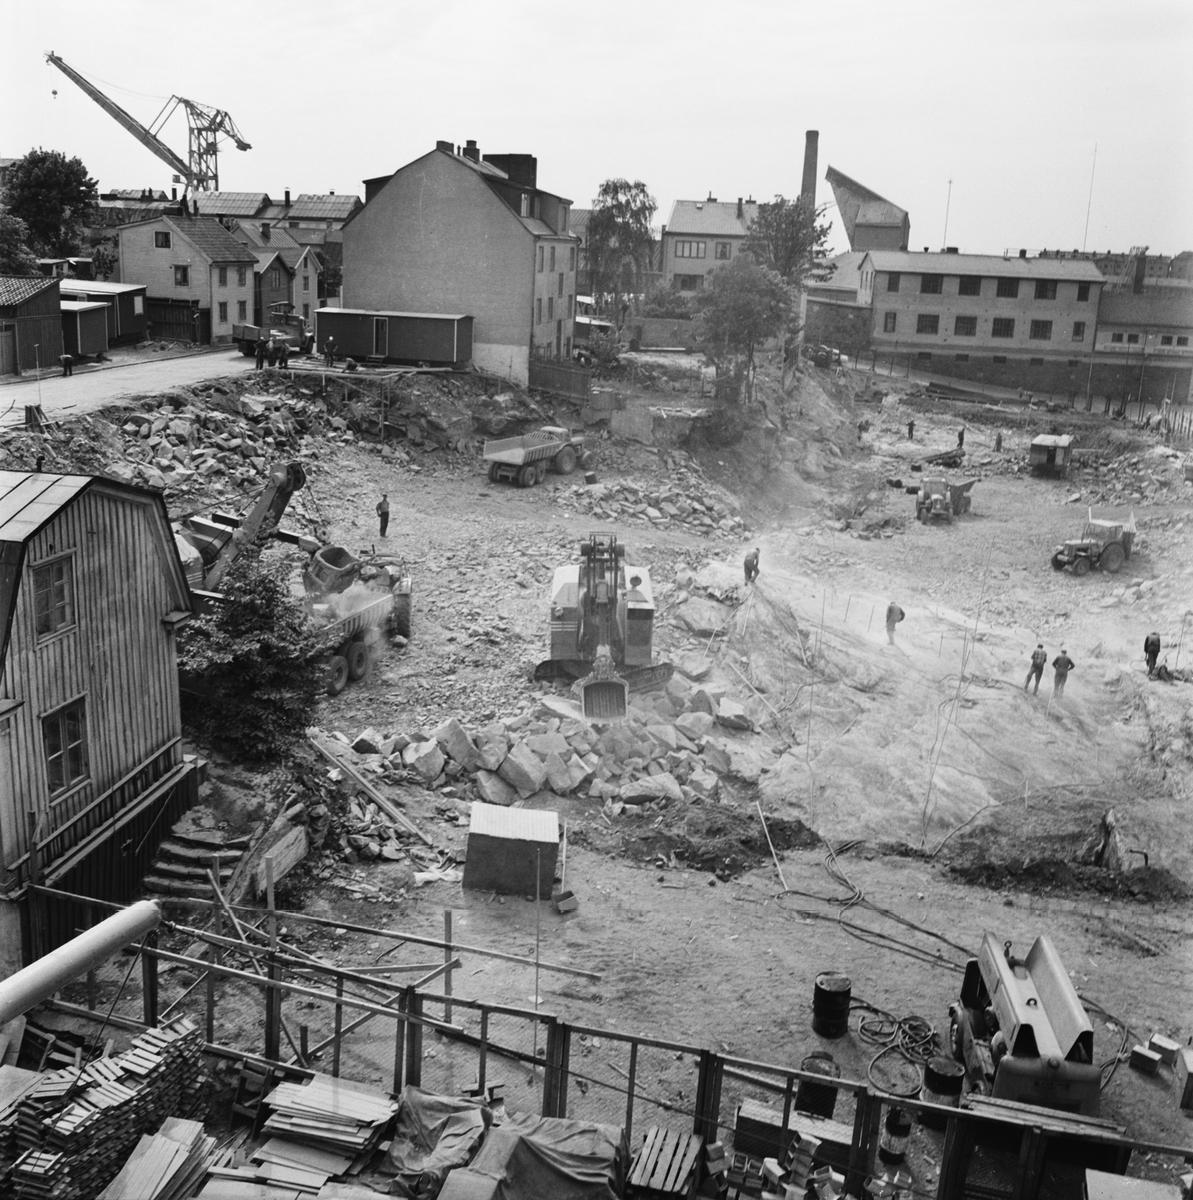 Övrigt: Foto datum: 11/6 1965 Byggnader och kranar Kvarteret pollux